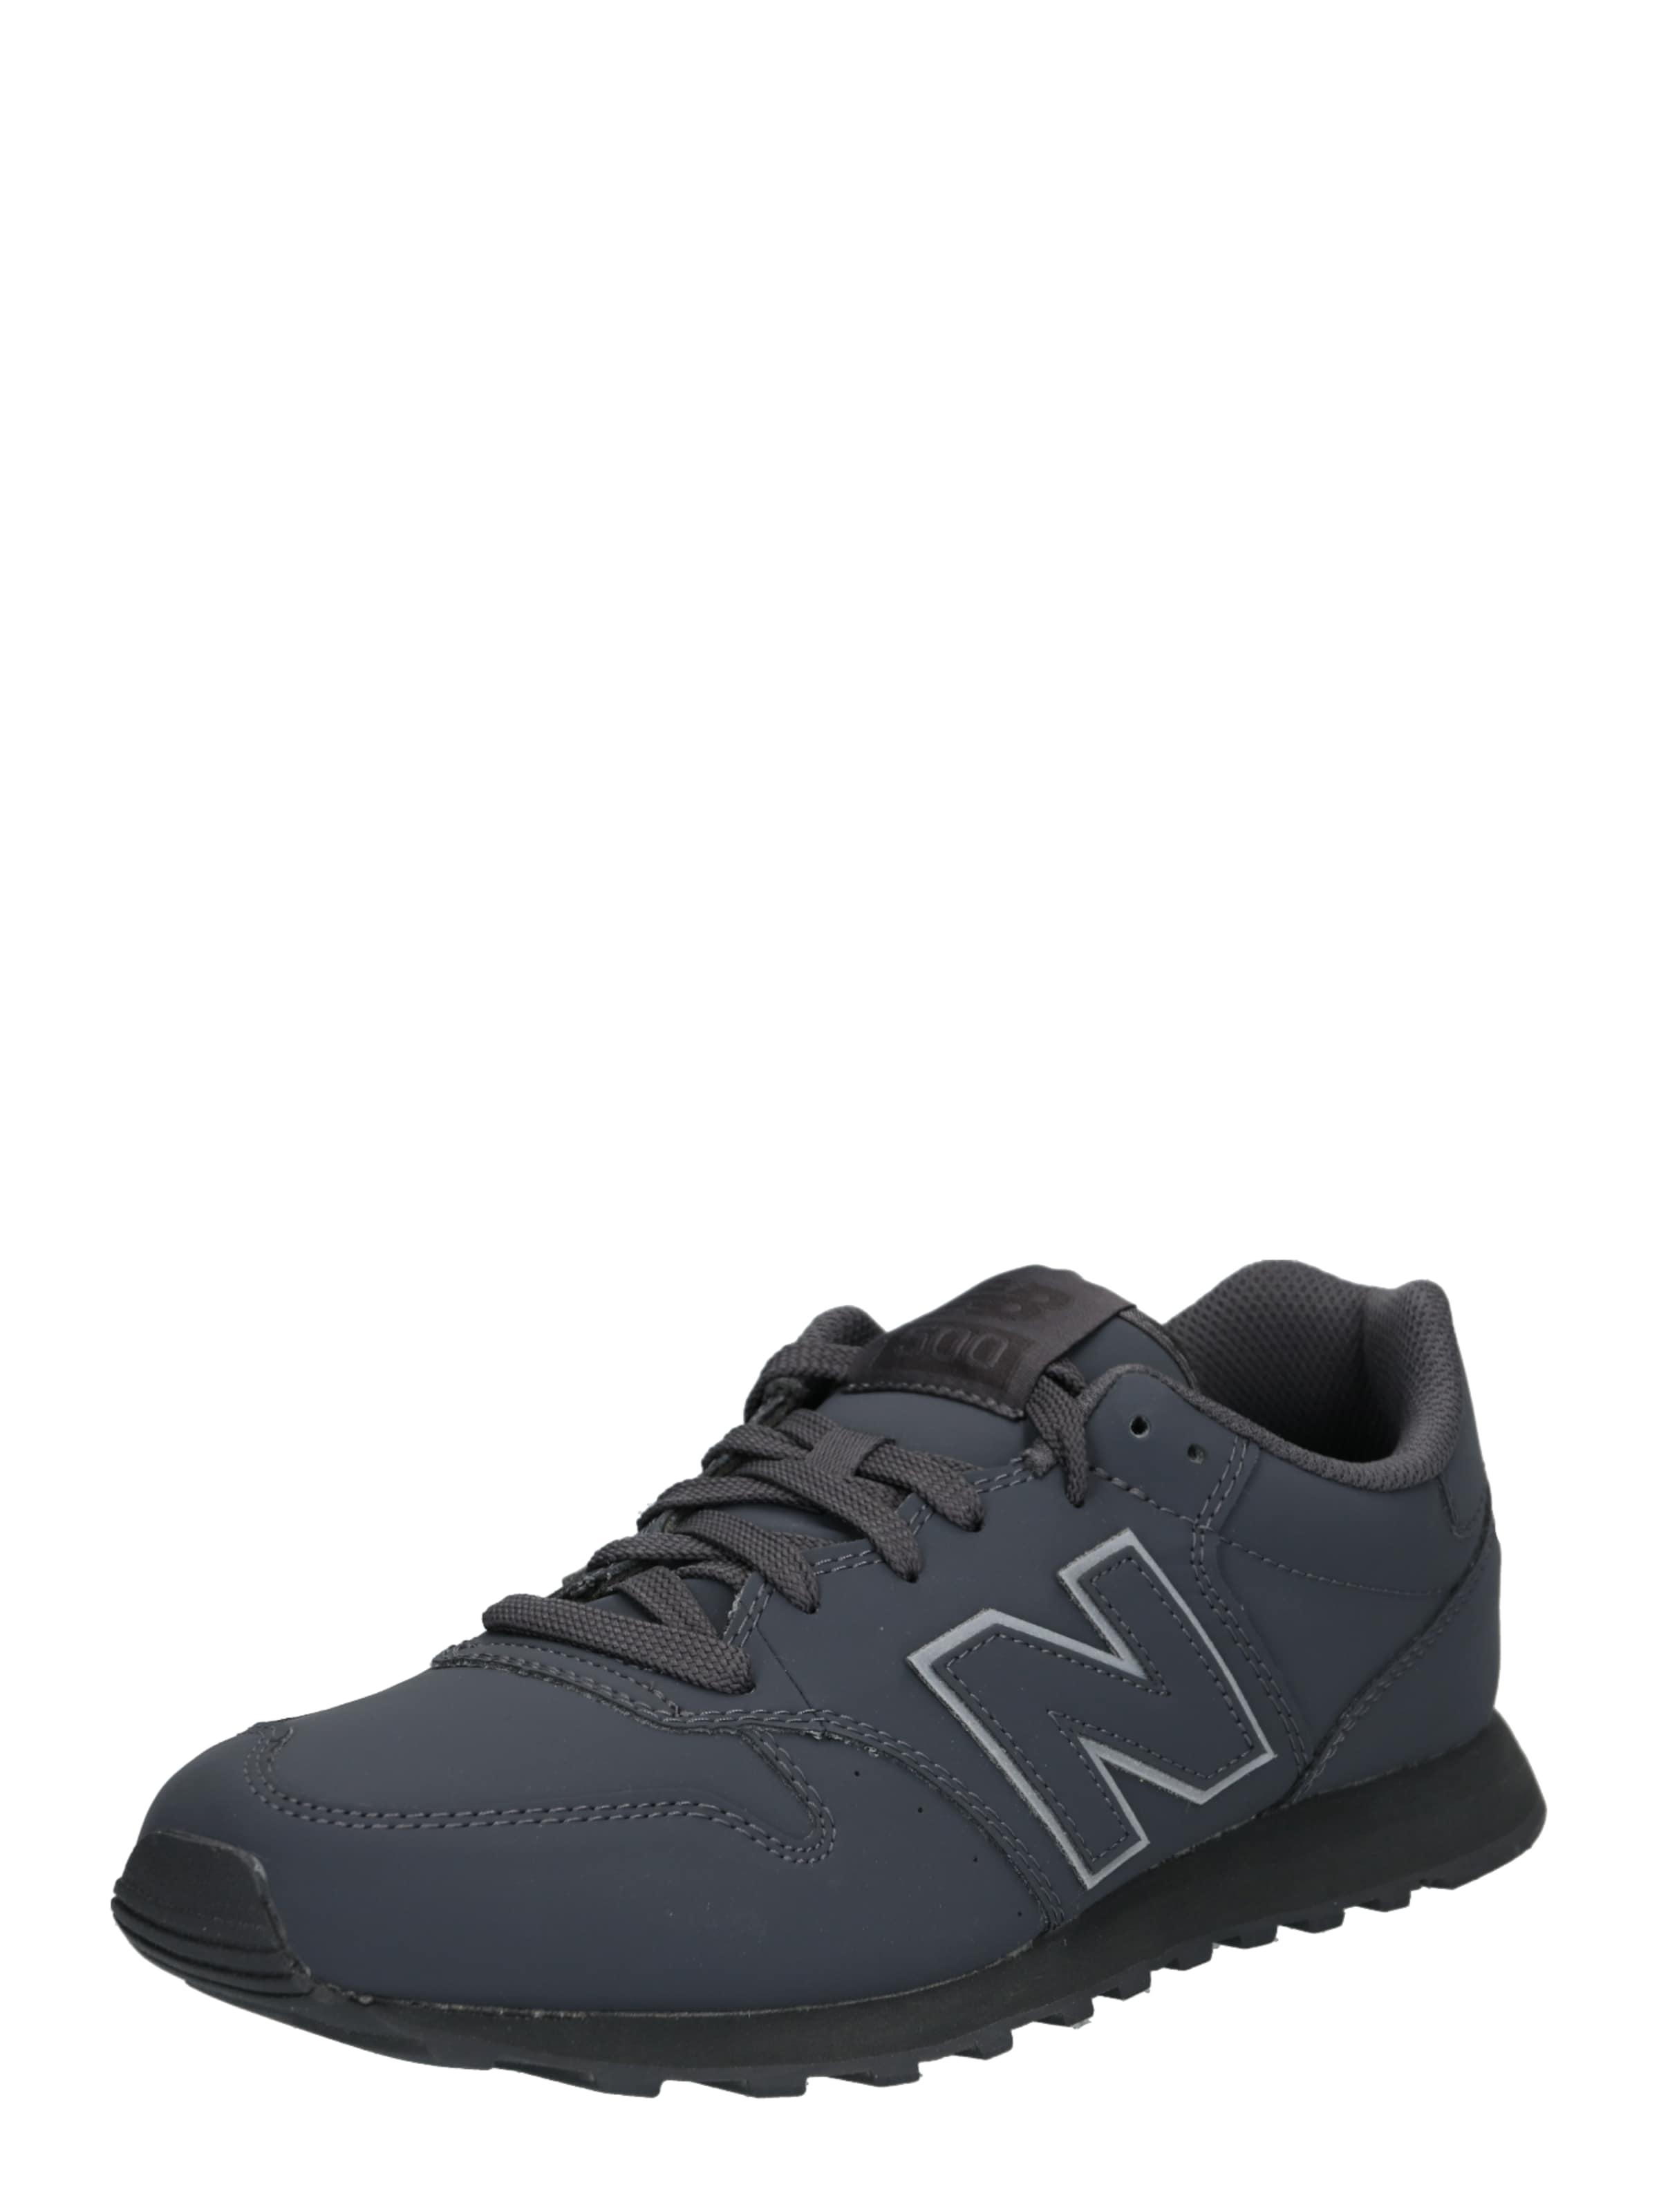 Sneaker Dunkelgrau New In Balance 'gm500t' vm8P0yNnwO